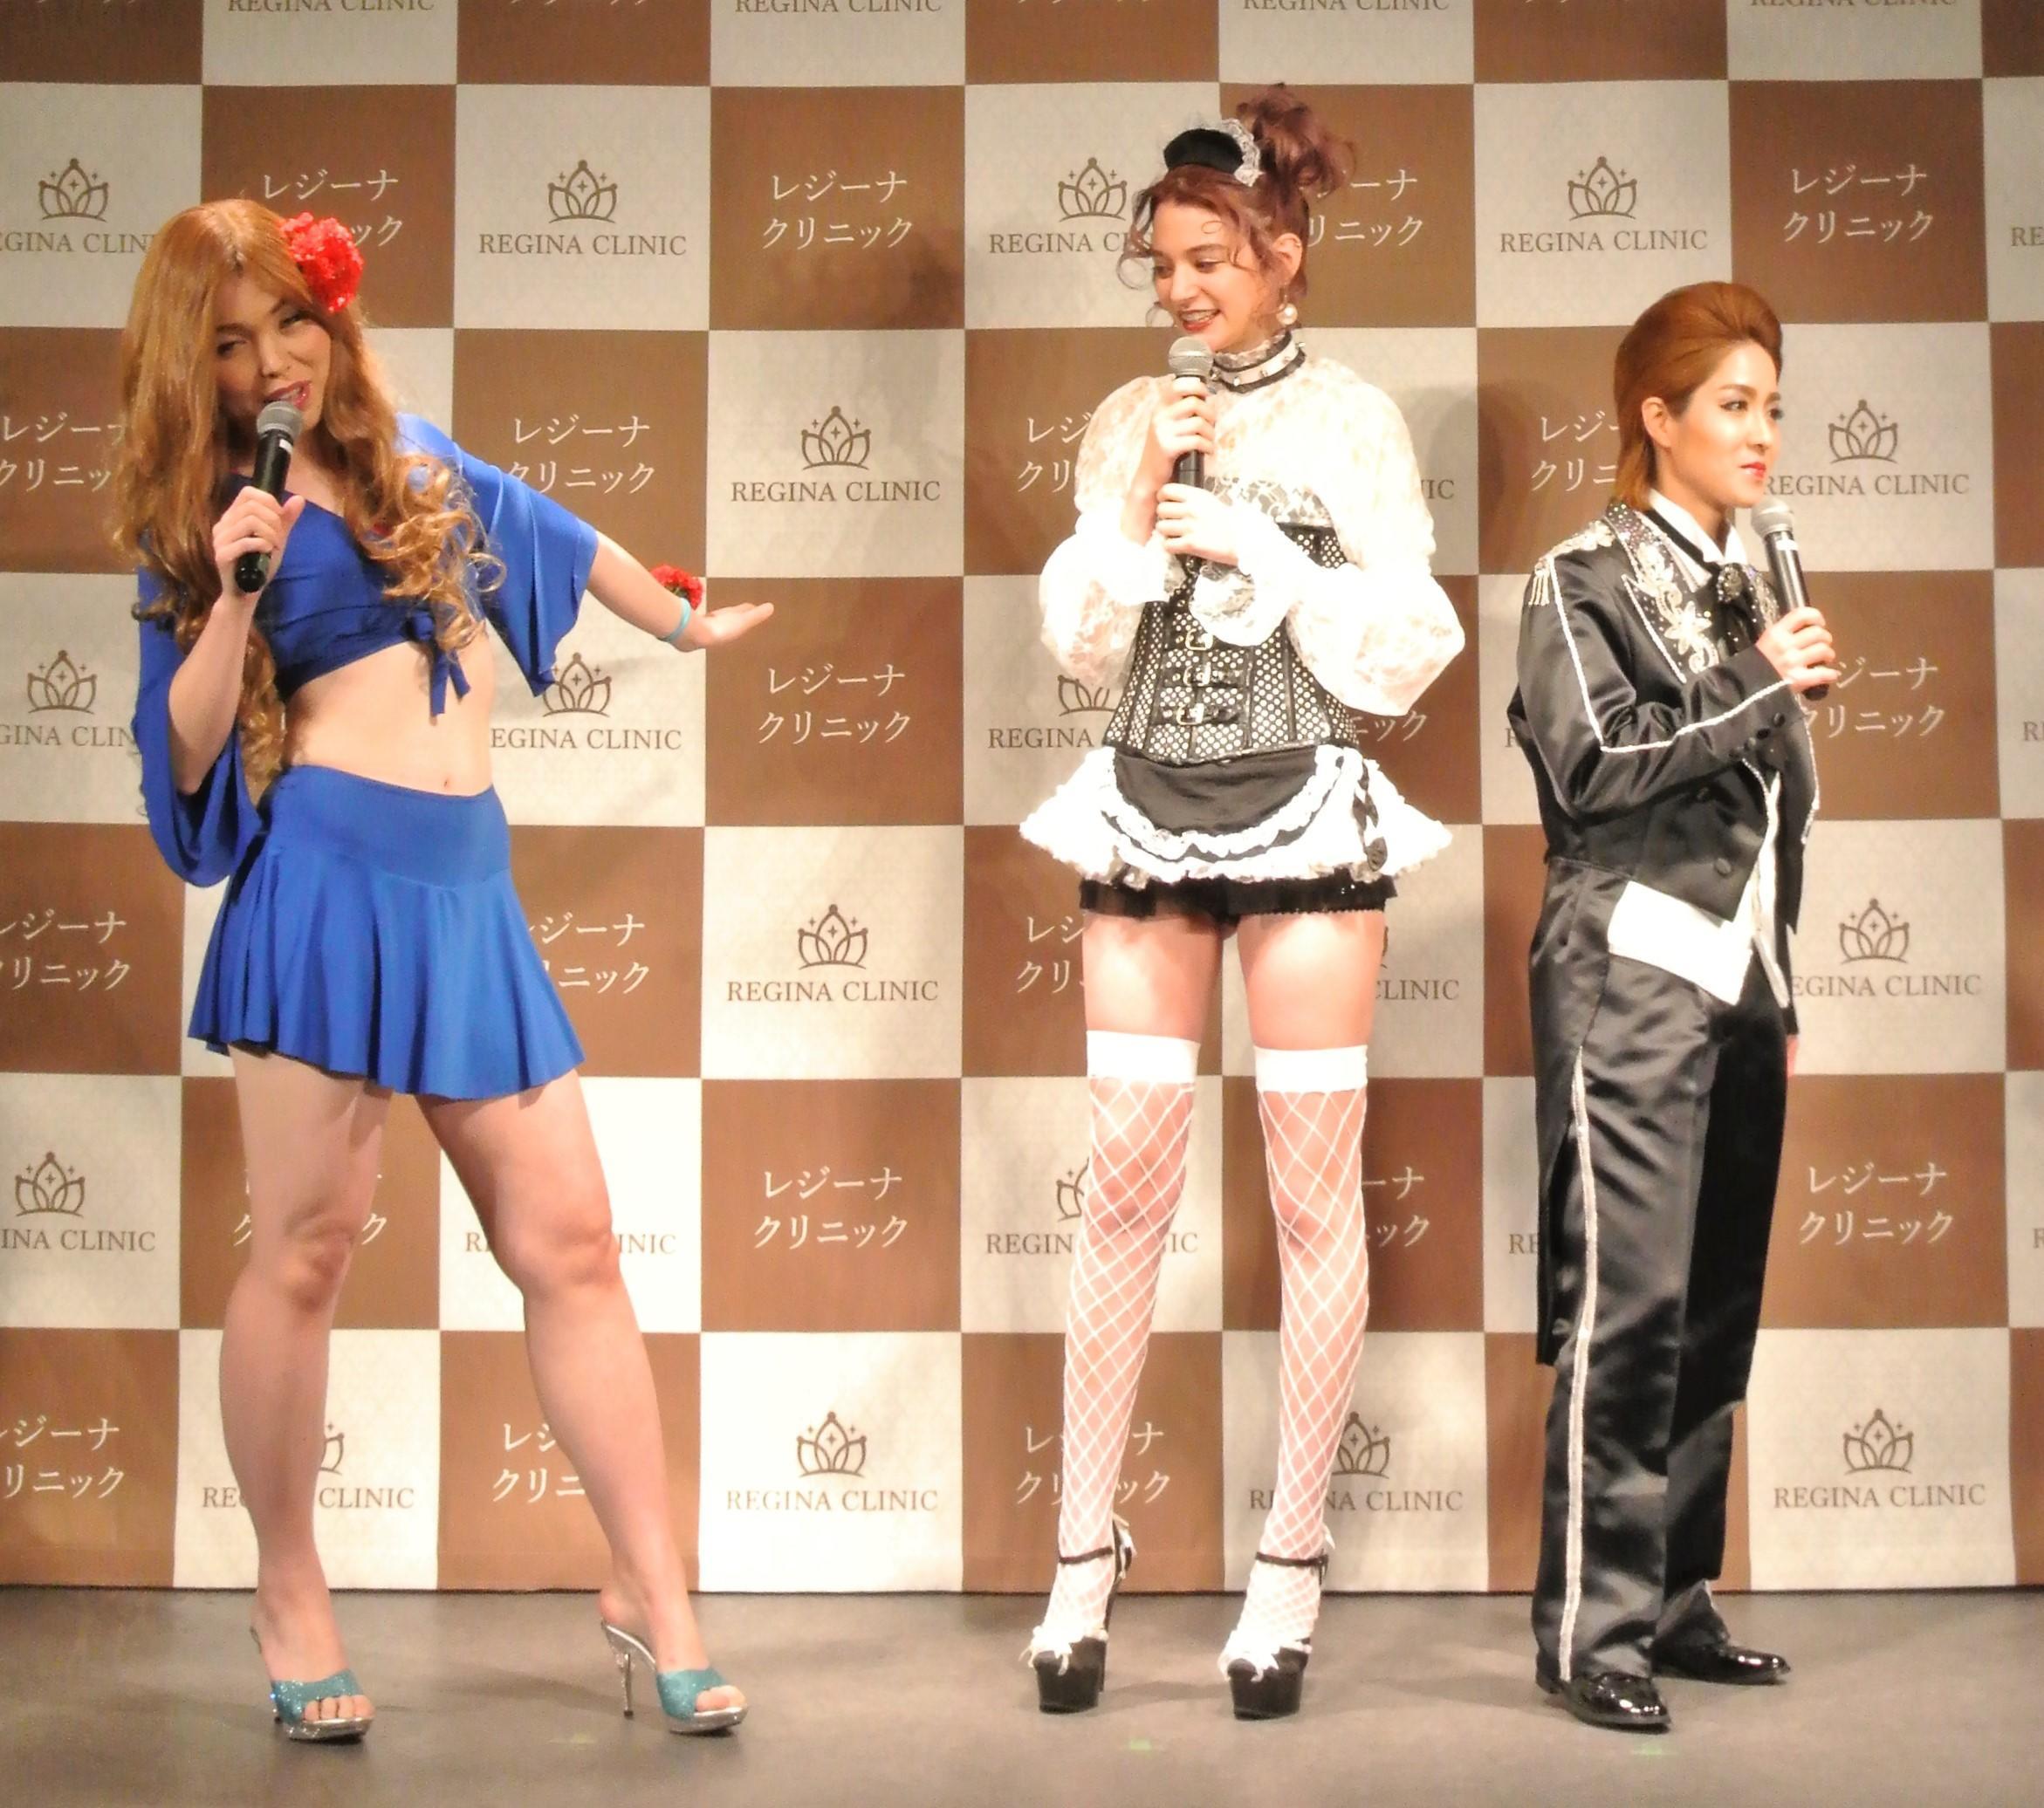 http://news.yoshimoto.co.jp/20171106125421-3c9602dd1421569c5dd2edc449bcbe5375449e4a.jpg